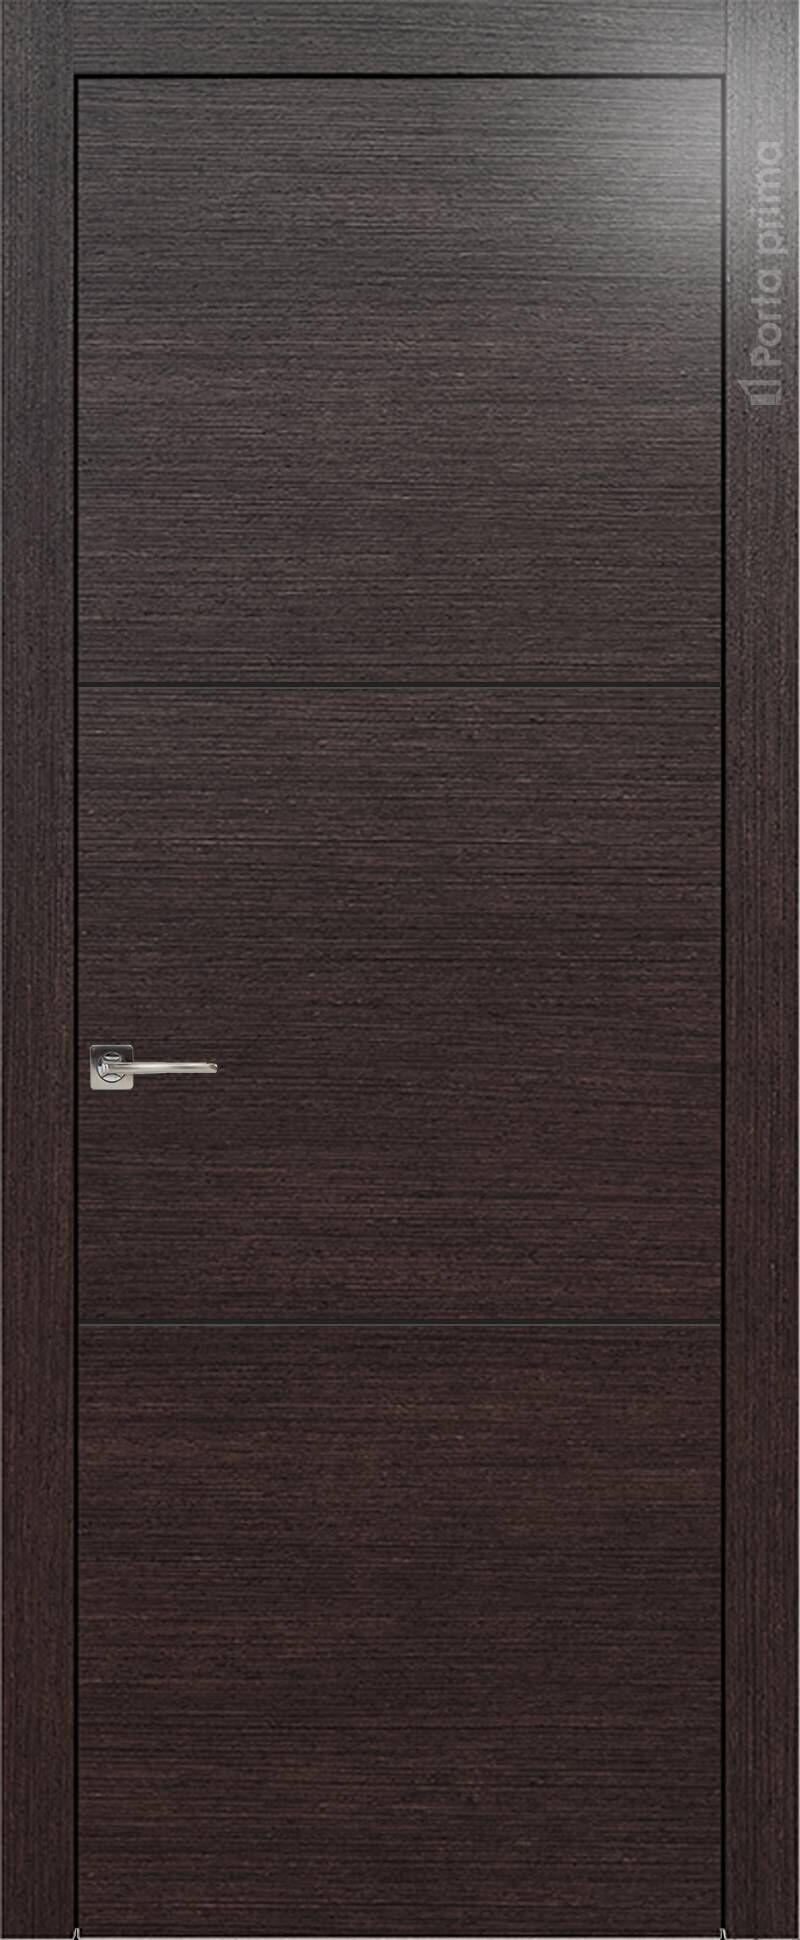 Tivoli В-2 цвет - Венге Шоколад Без стекла (ДГ)